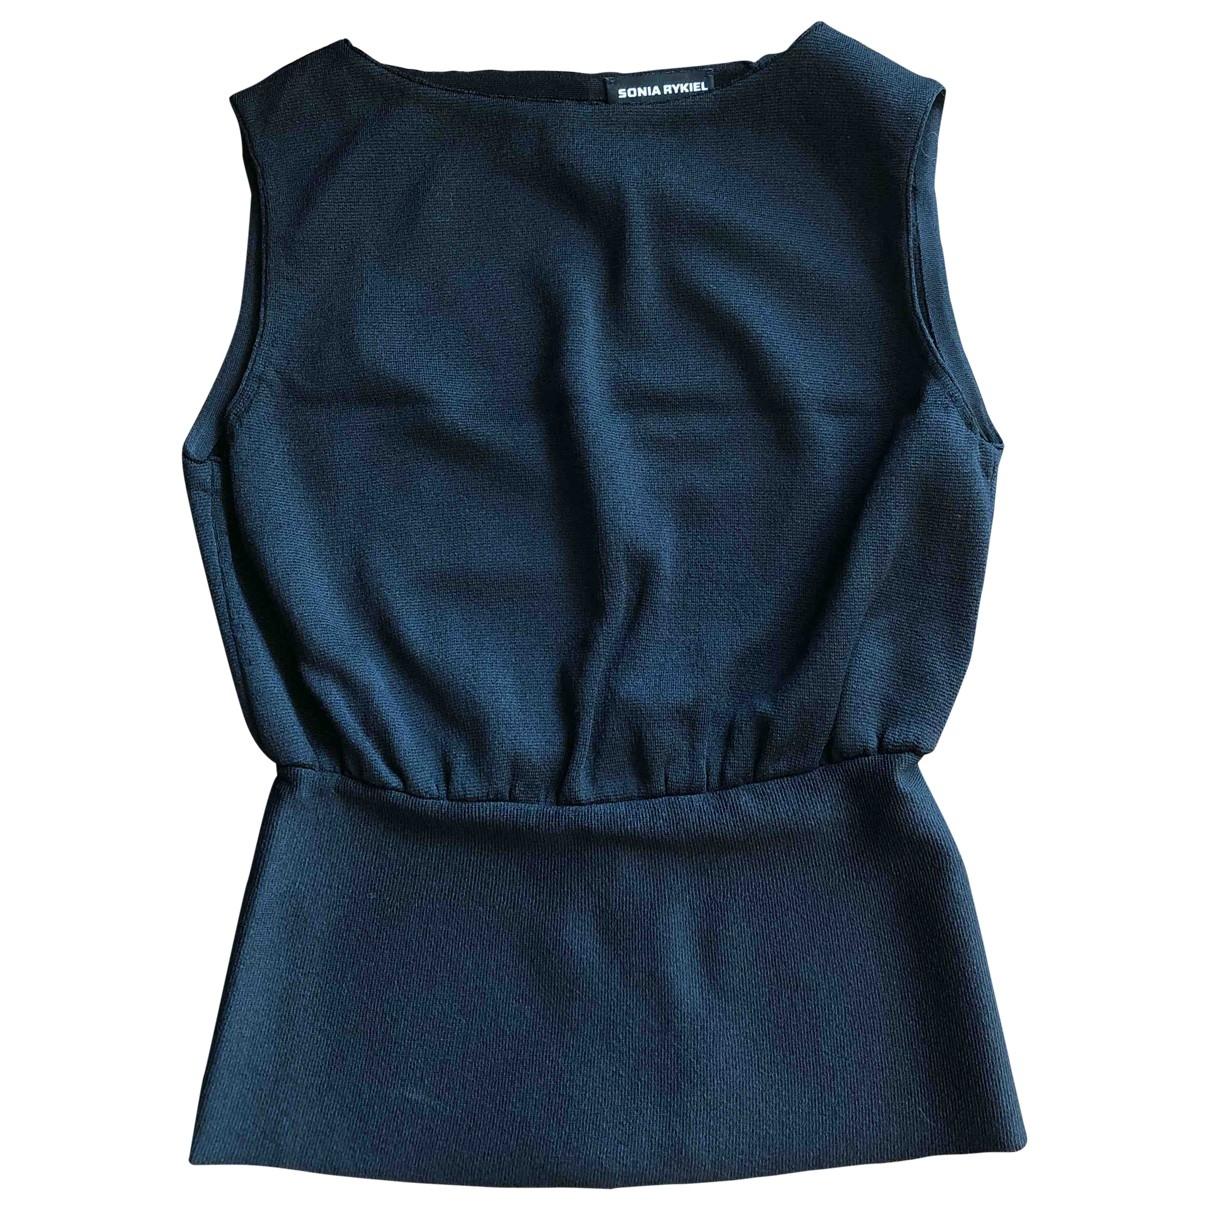 Sonia Rykiel \N Black  top for Women 36 IT